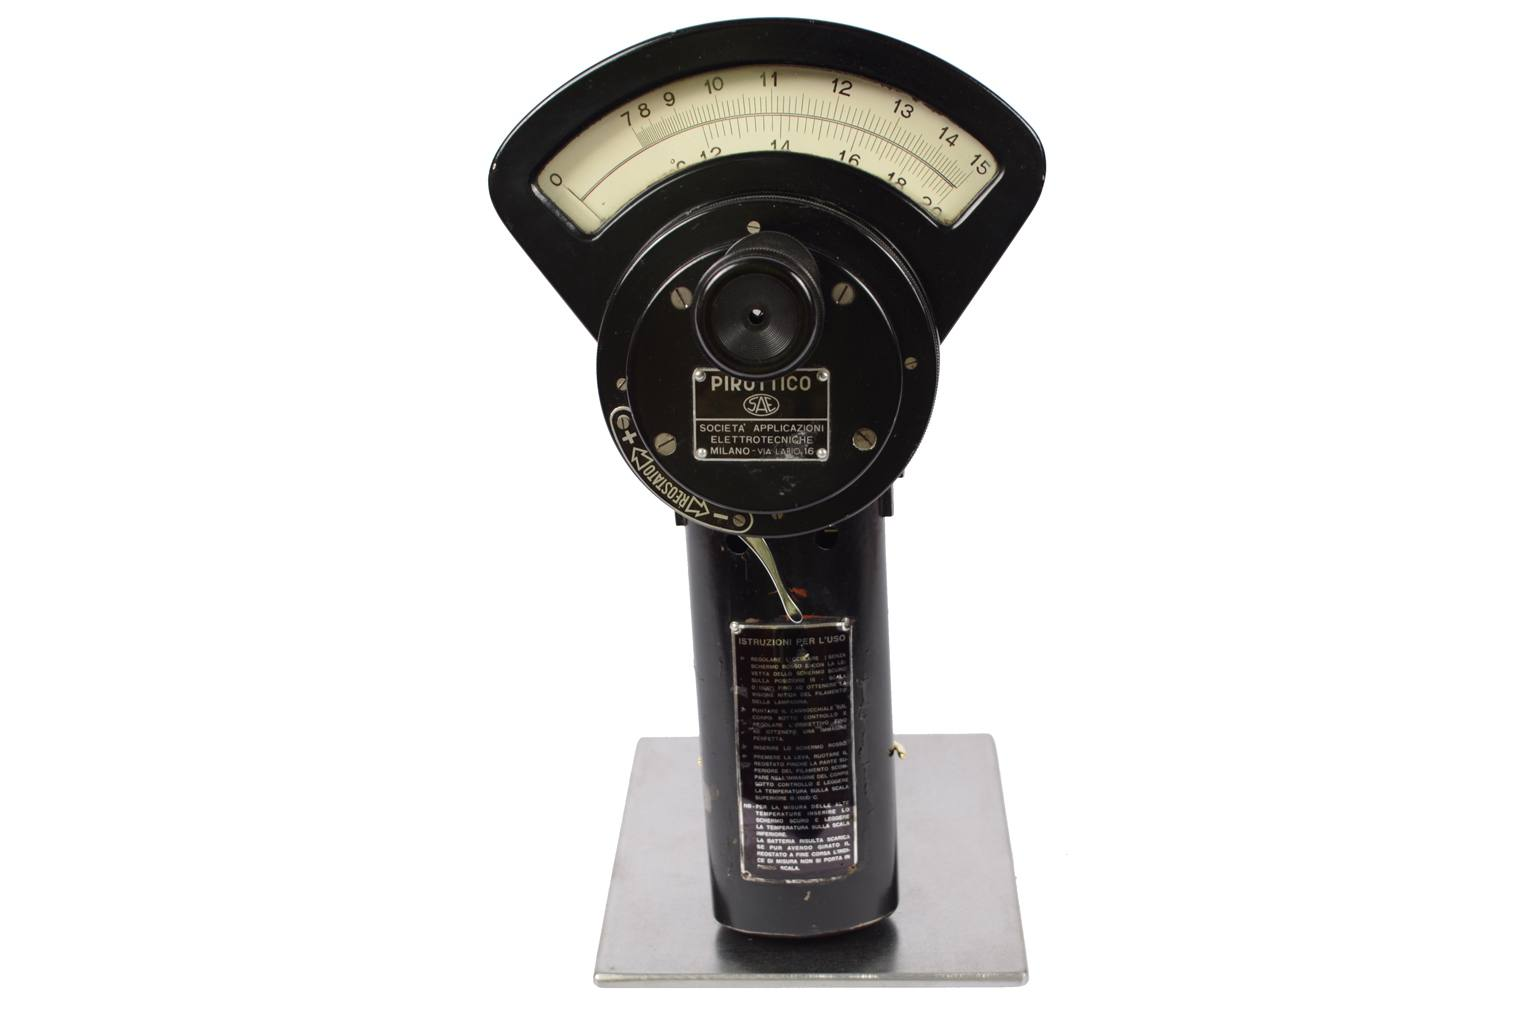 Strumenti di misura antichi/A83-Pirottico 1950